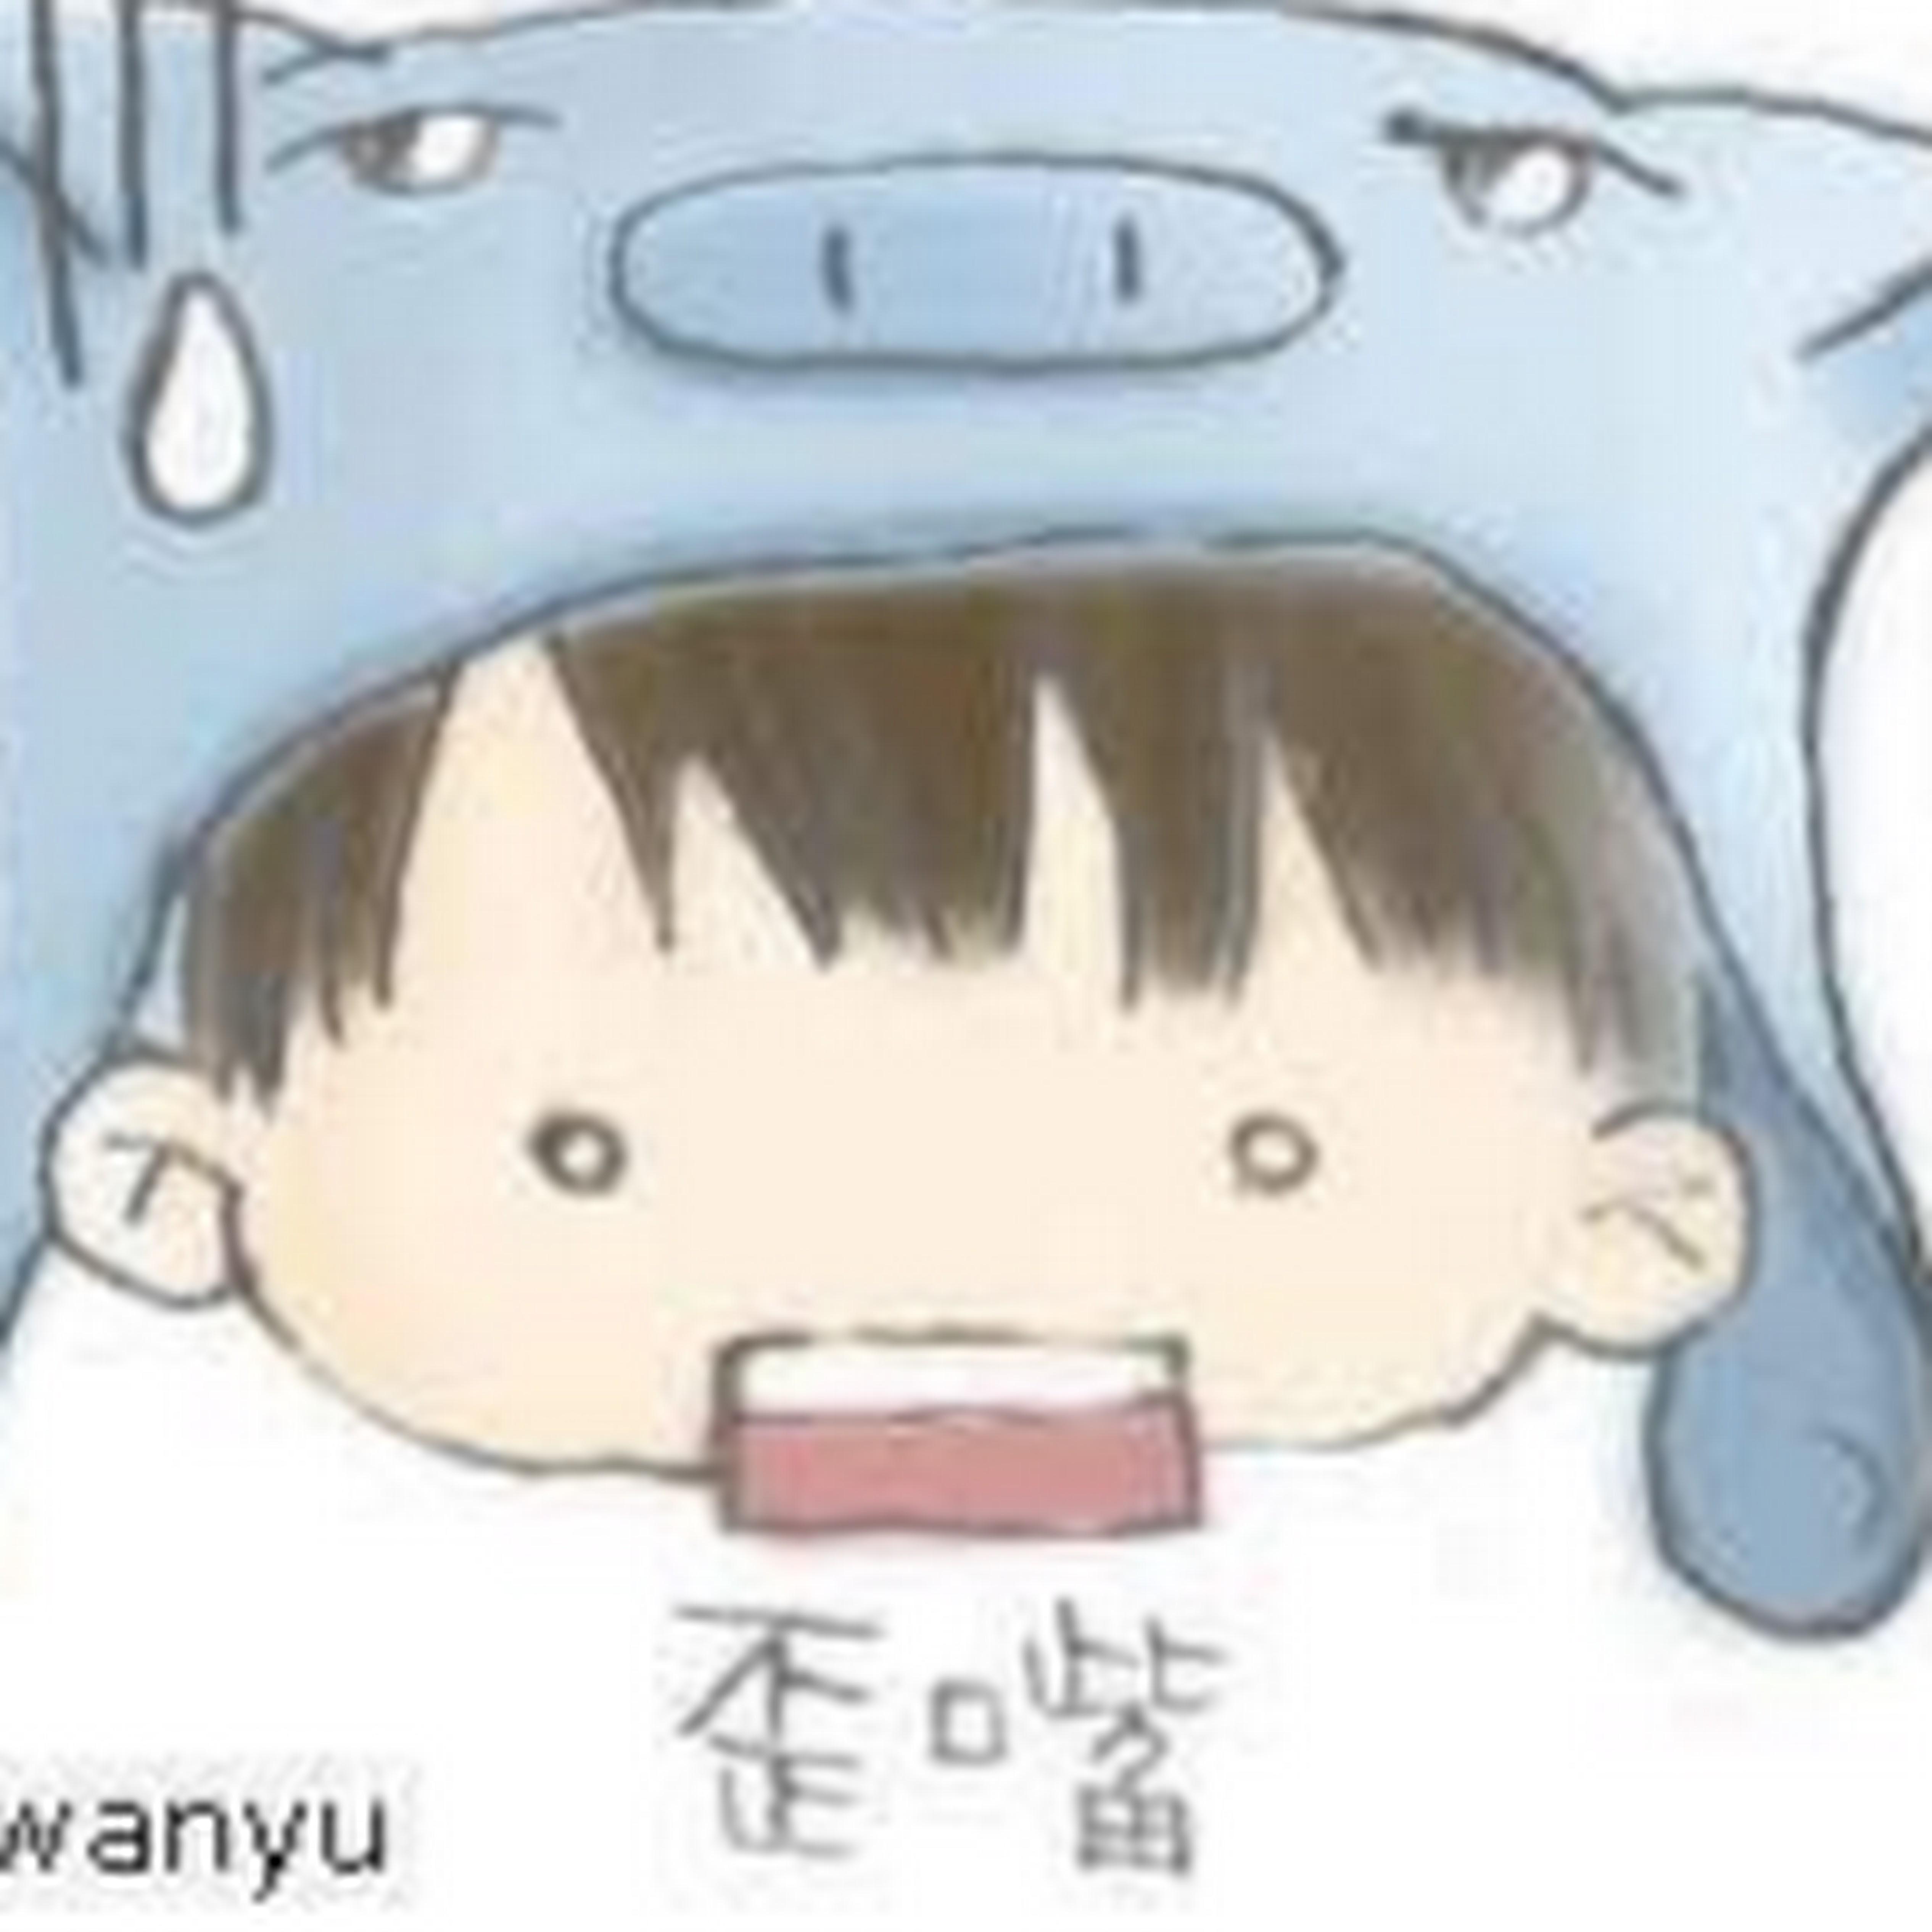 Weiyu